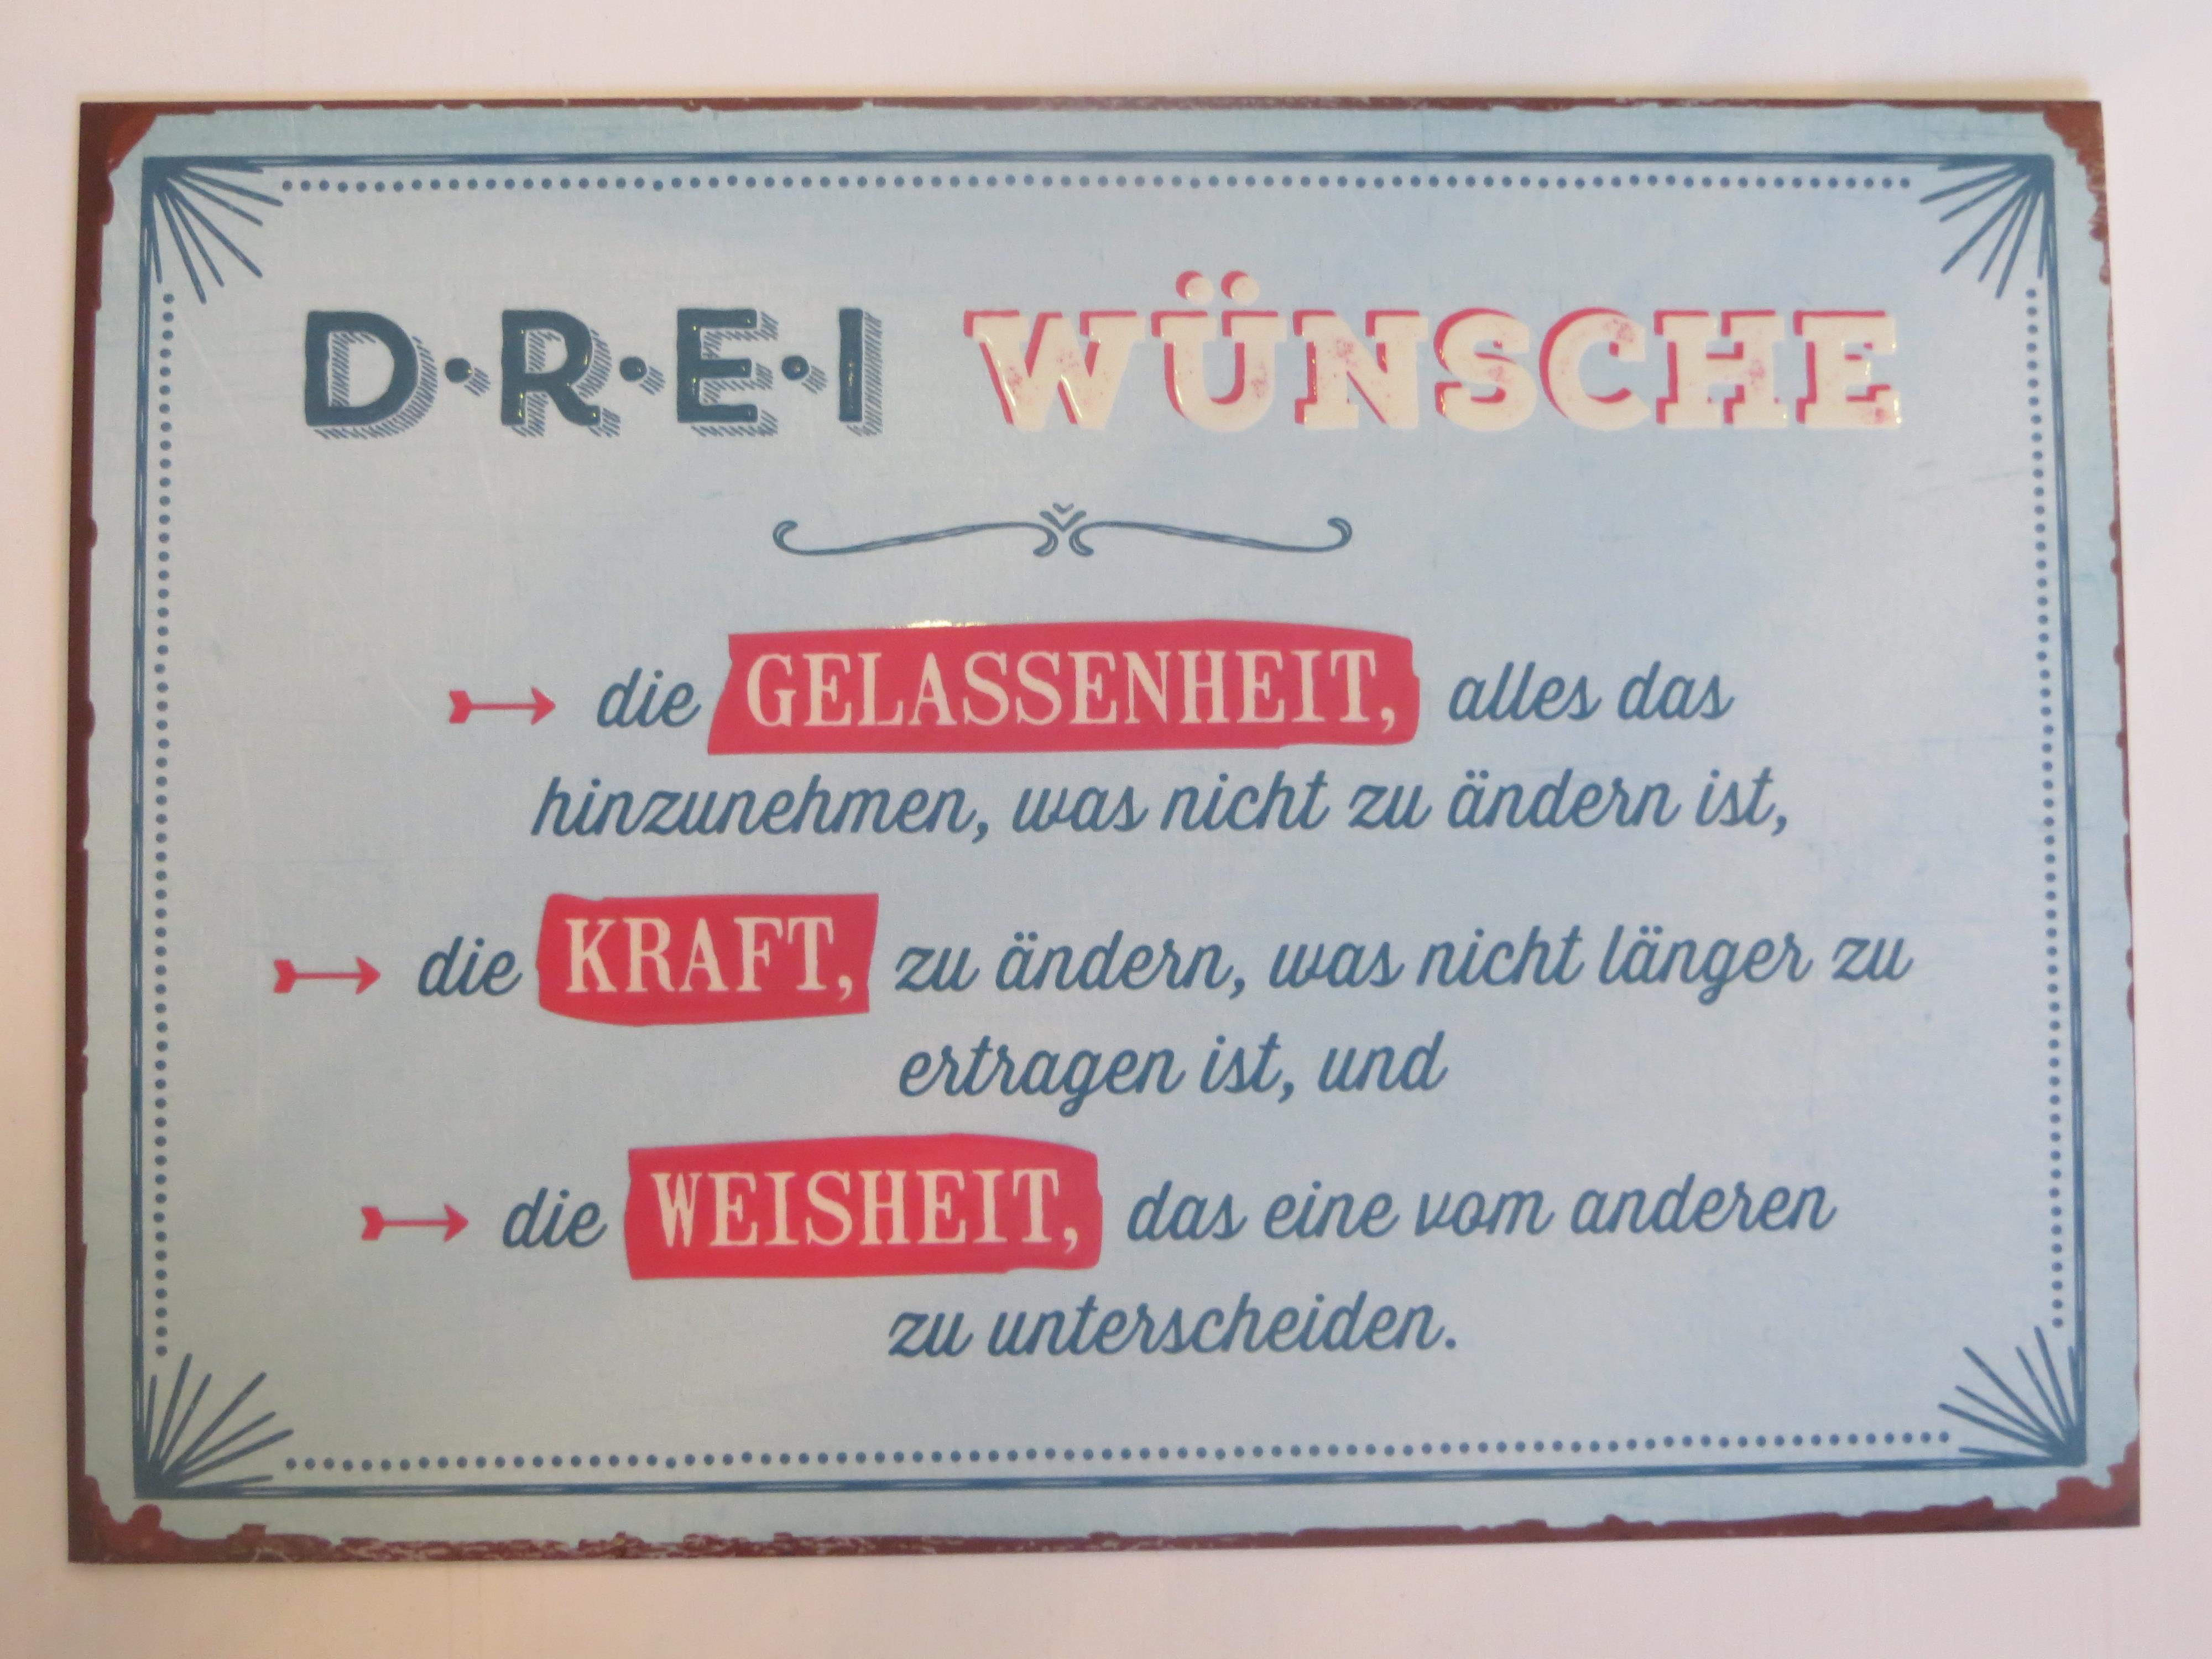 Postkarte Drei Wünsche die Gelassenheitdie Kraft